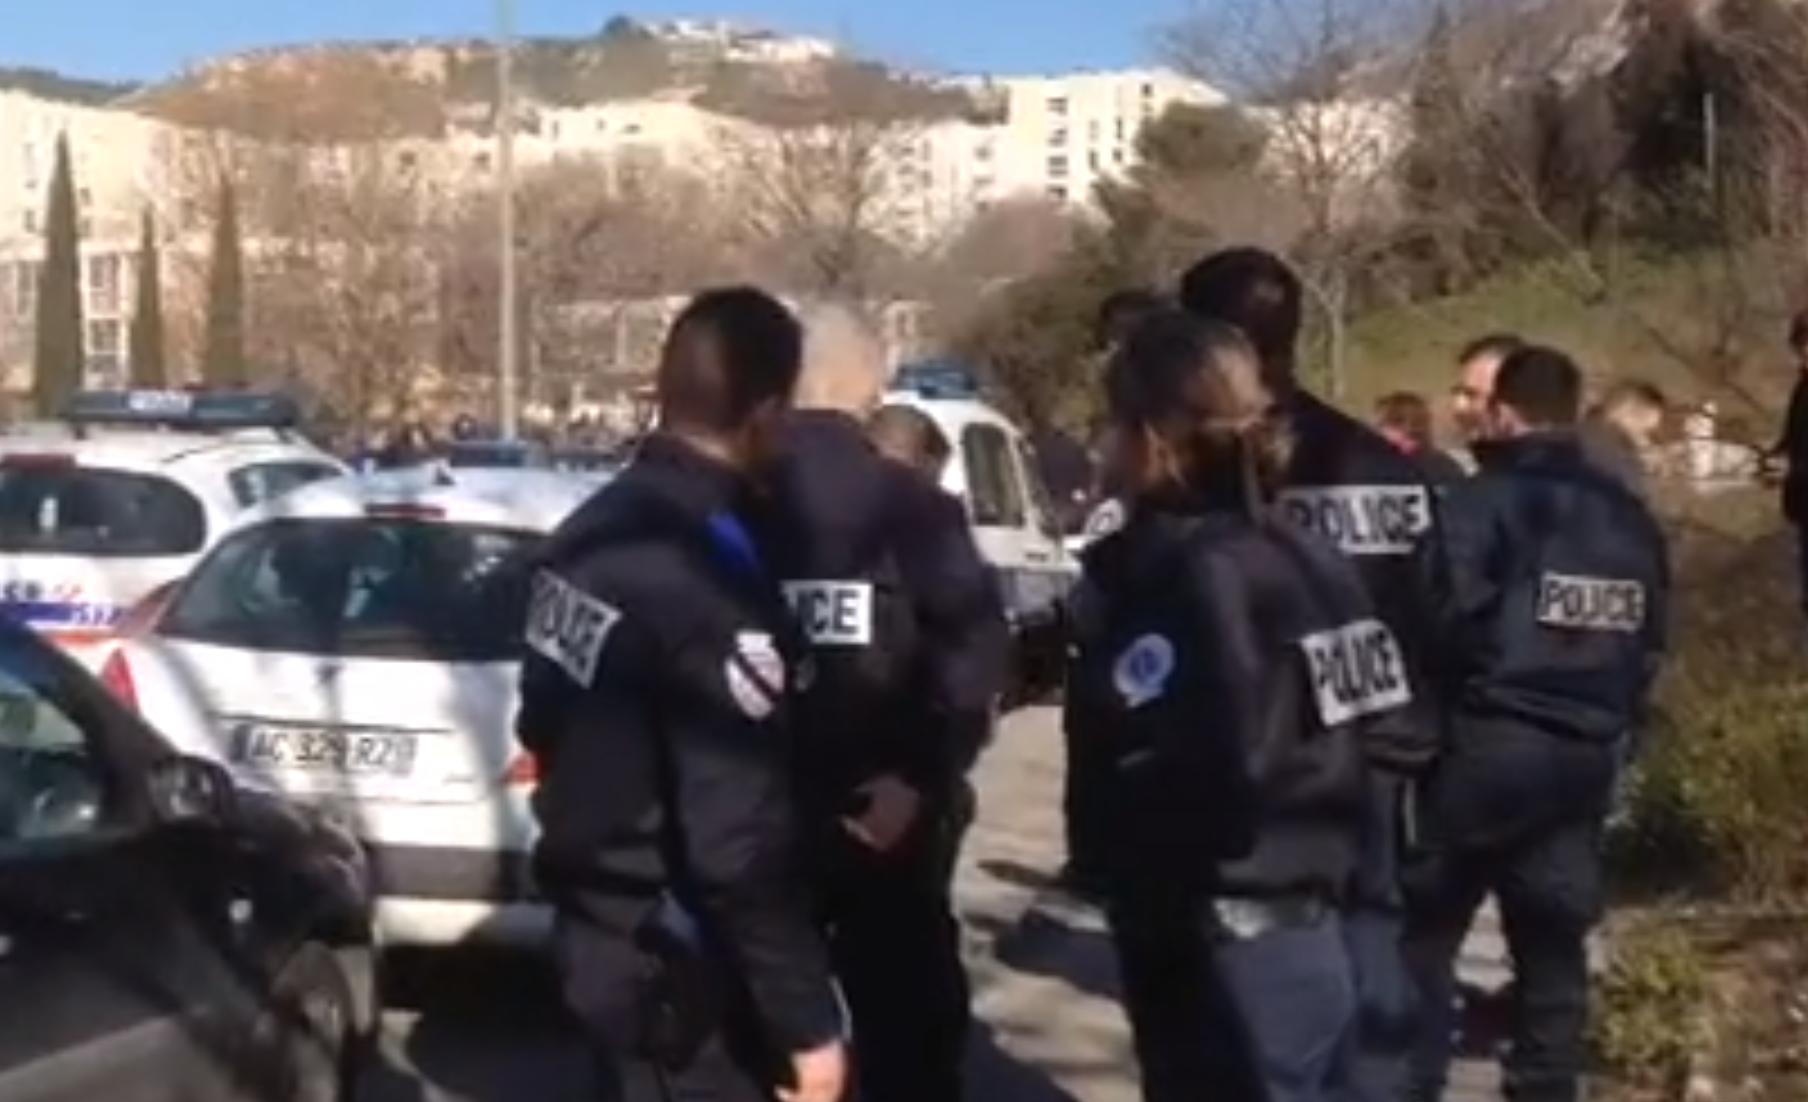 Encapuchados atacan a policía en Marsella